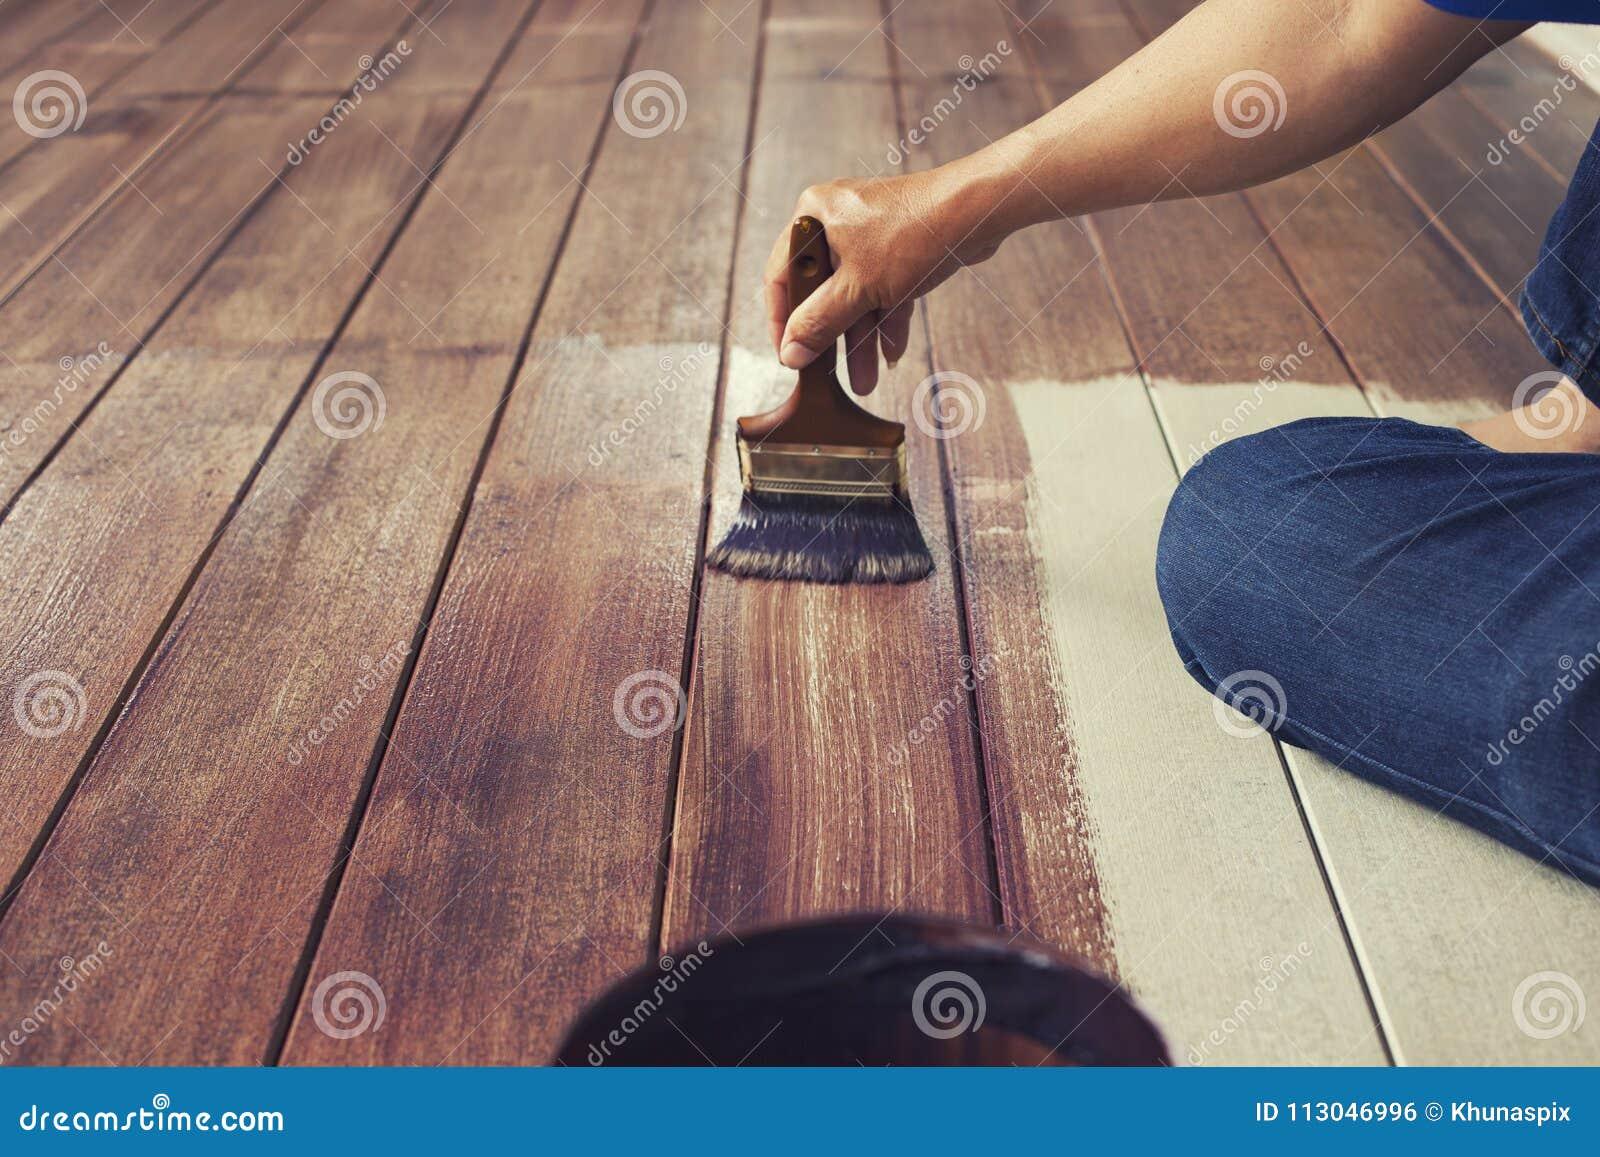 Entregue a cor de óleo no assoalho de madeira, conceito home diy da pintura do trabalho